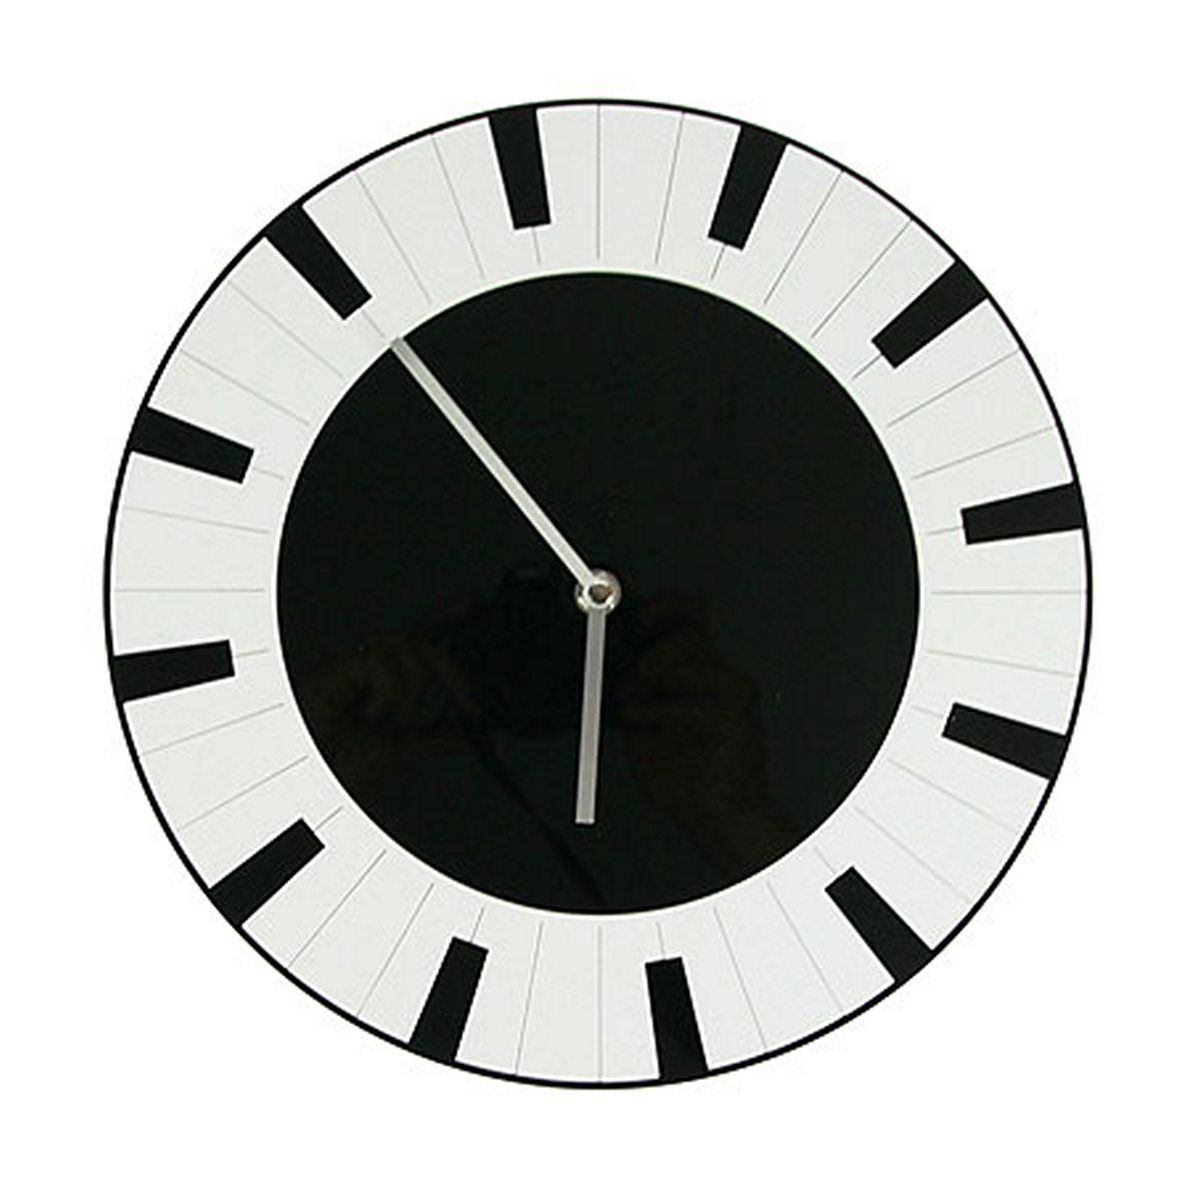 Часы настенные Русские Подарки, диаметр 30 см. 122419122419Настенные кварцевые часы Русские Подарки изготовлены из полиамида. Часы имеют две стрелки - часовую и минутную. С обратной стороны имеетсяпетелька для подвешивания на стену.Изящные часы красиво и оригинально оформят интерьер дома или офиса. Также часы могут стать уникальным, полезным подарком для родственников, коллег, знакомых и близких.Часы работают от батареек типа АА (в комплект не входят).